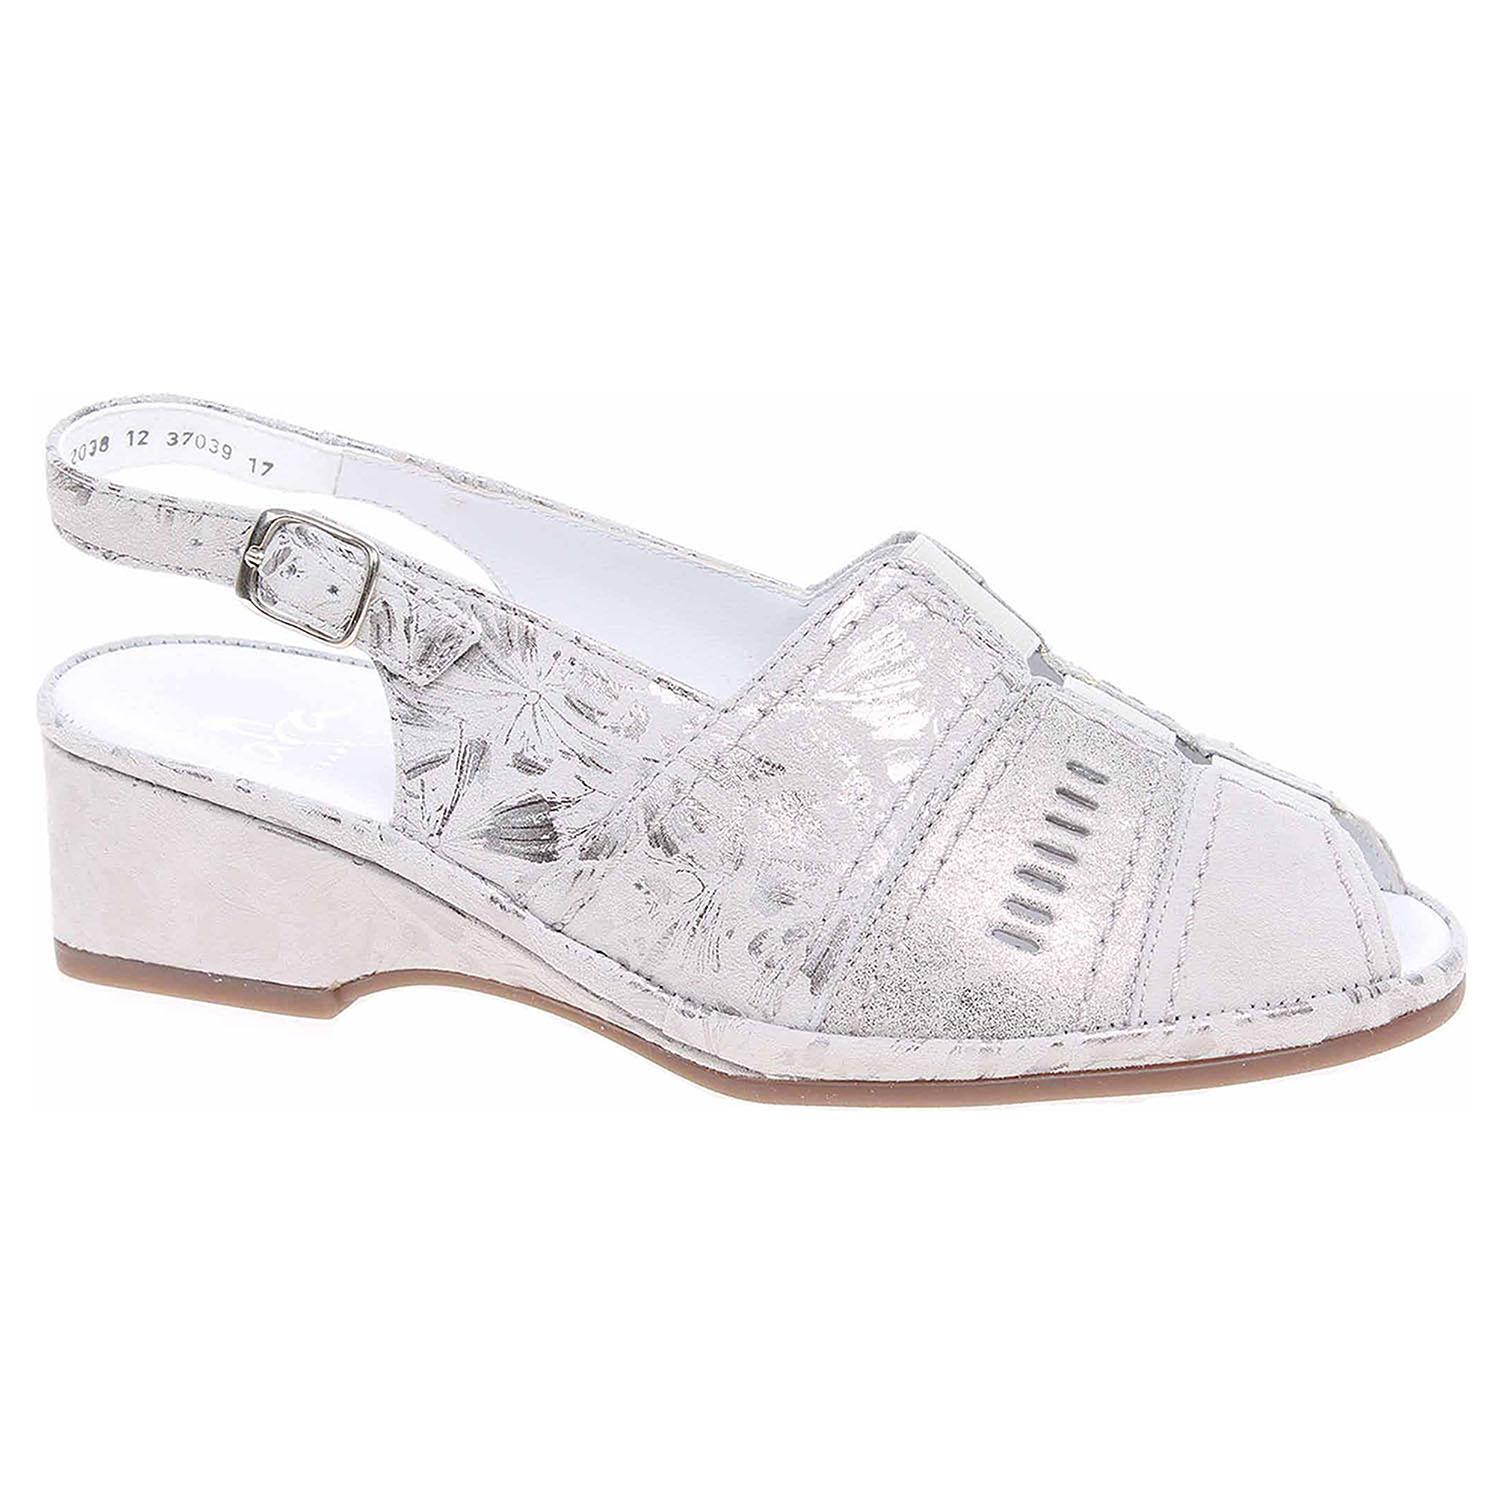 37039-17 sasso/zinn dámské sandály, gumičky na nártu